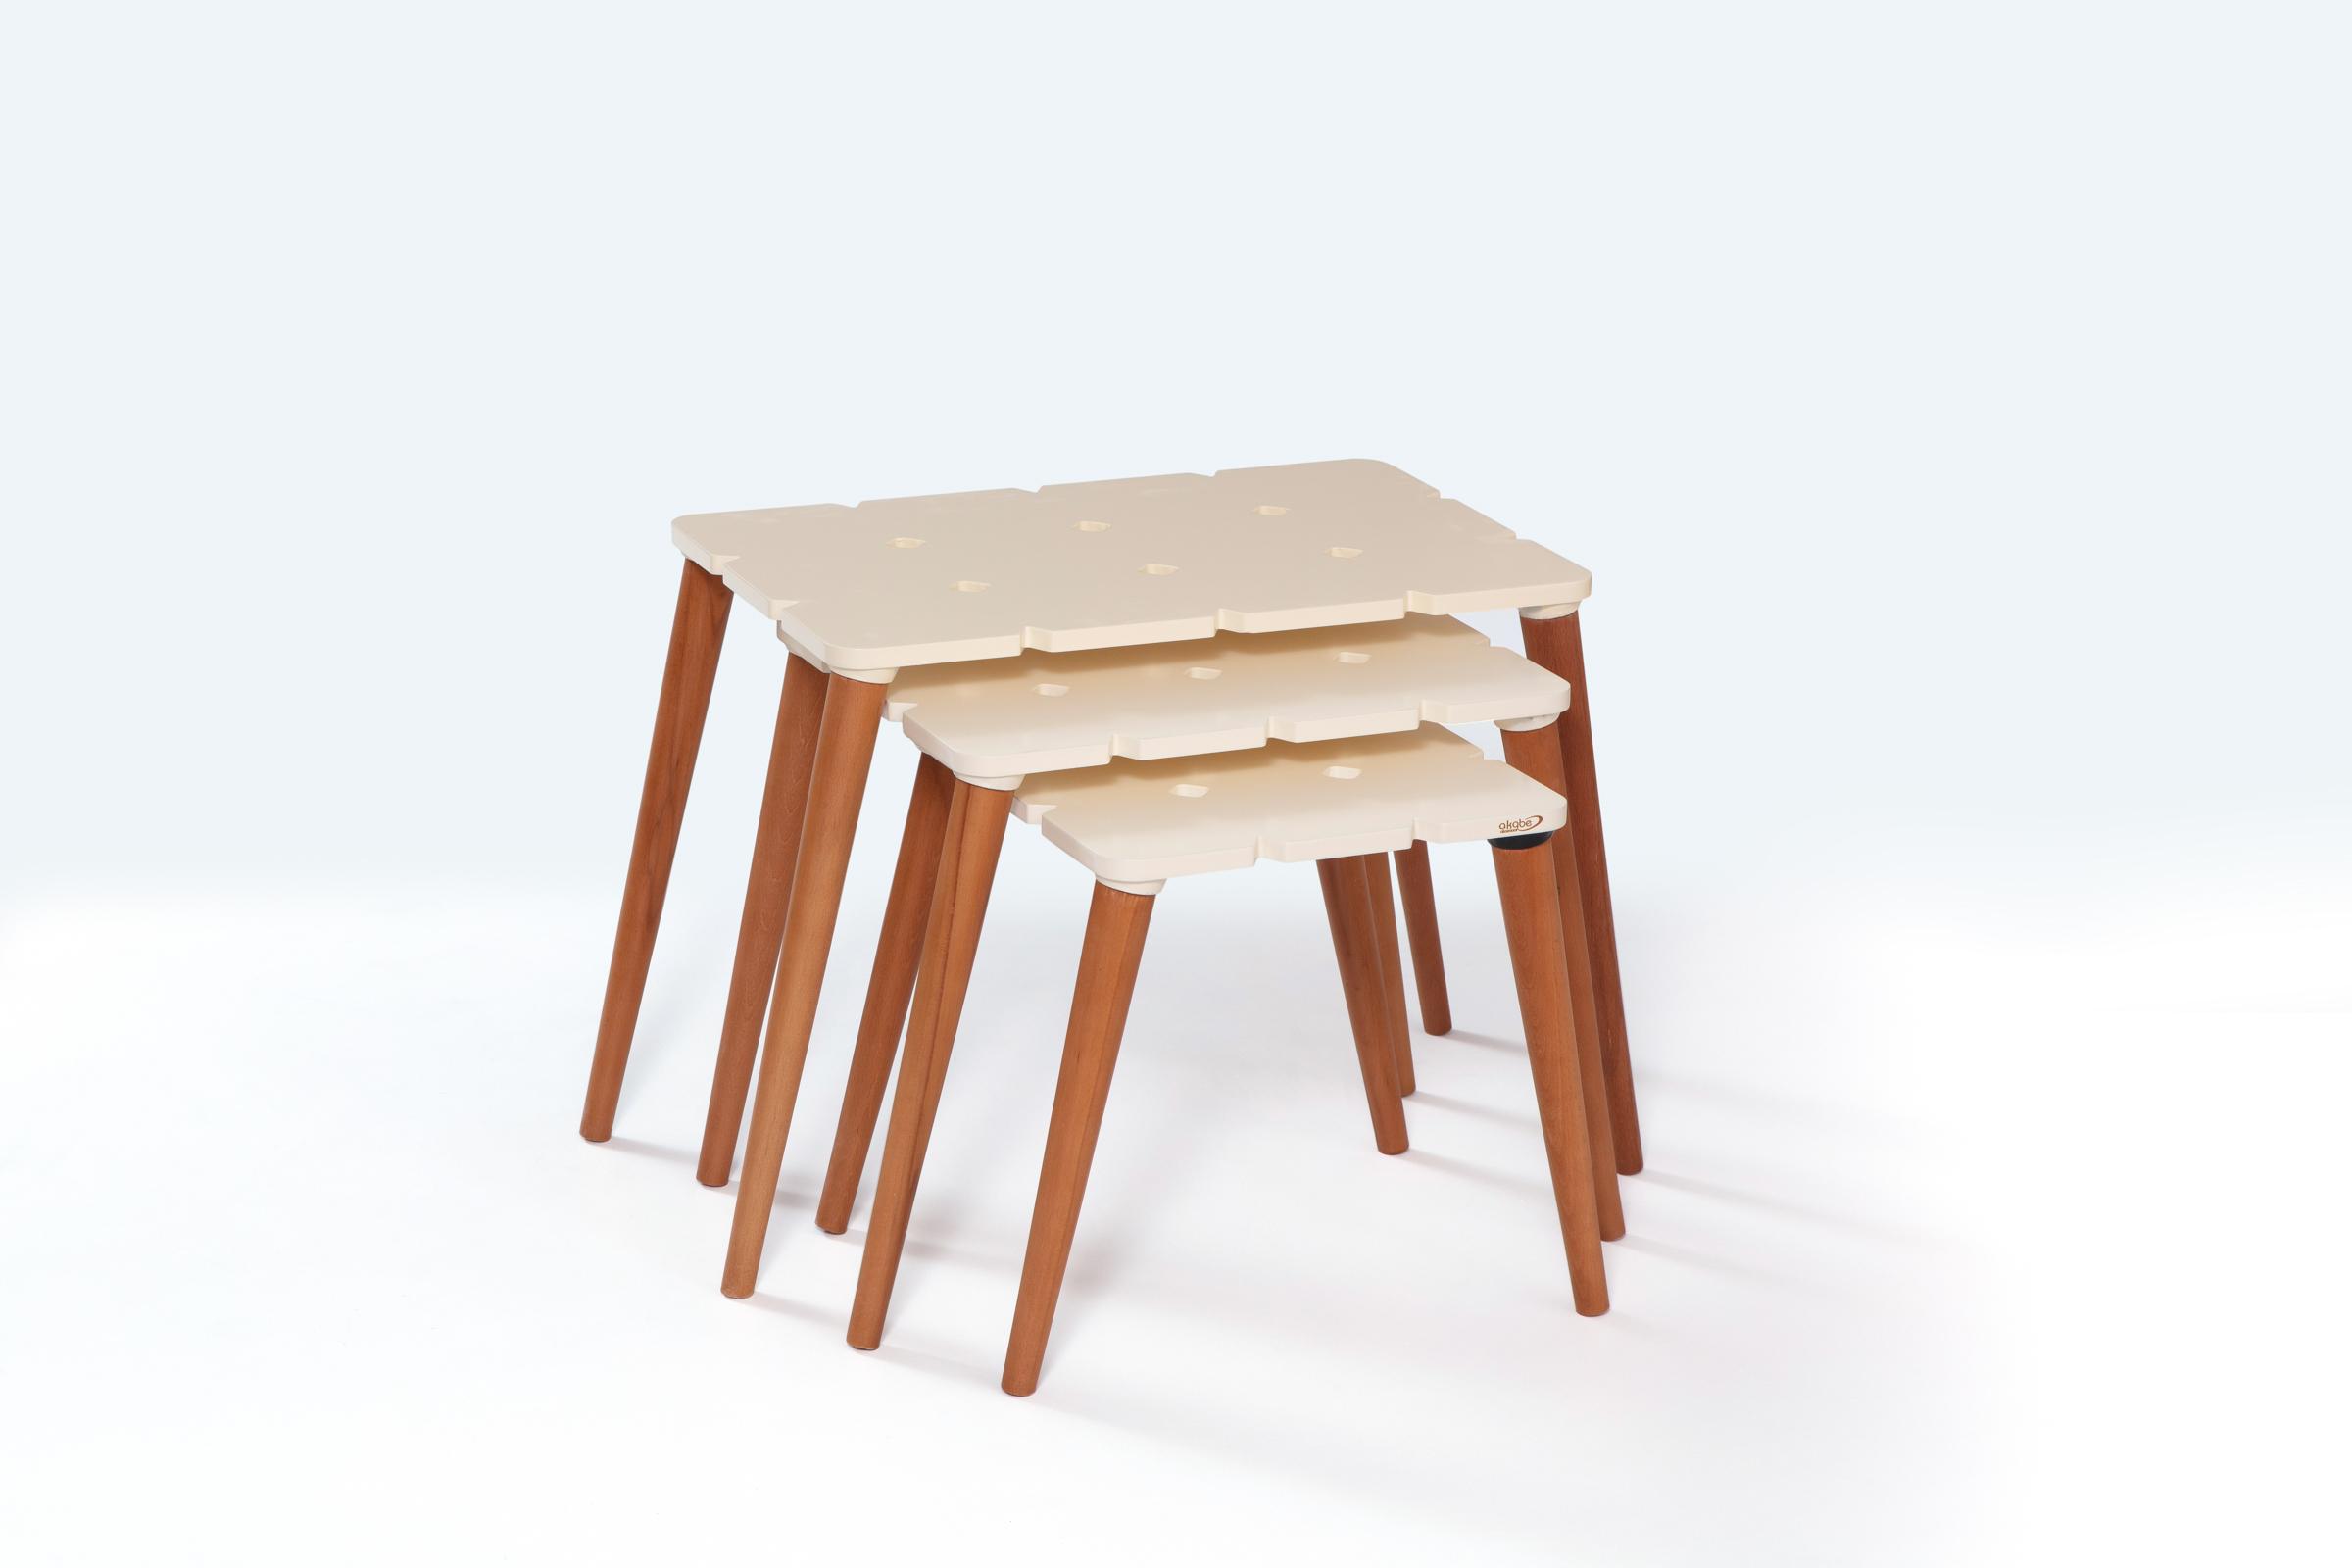 129 COFFE TABLE SET 4 PART